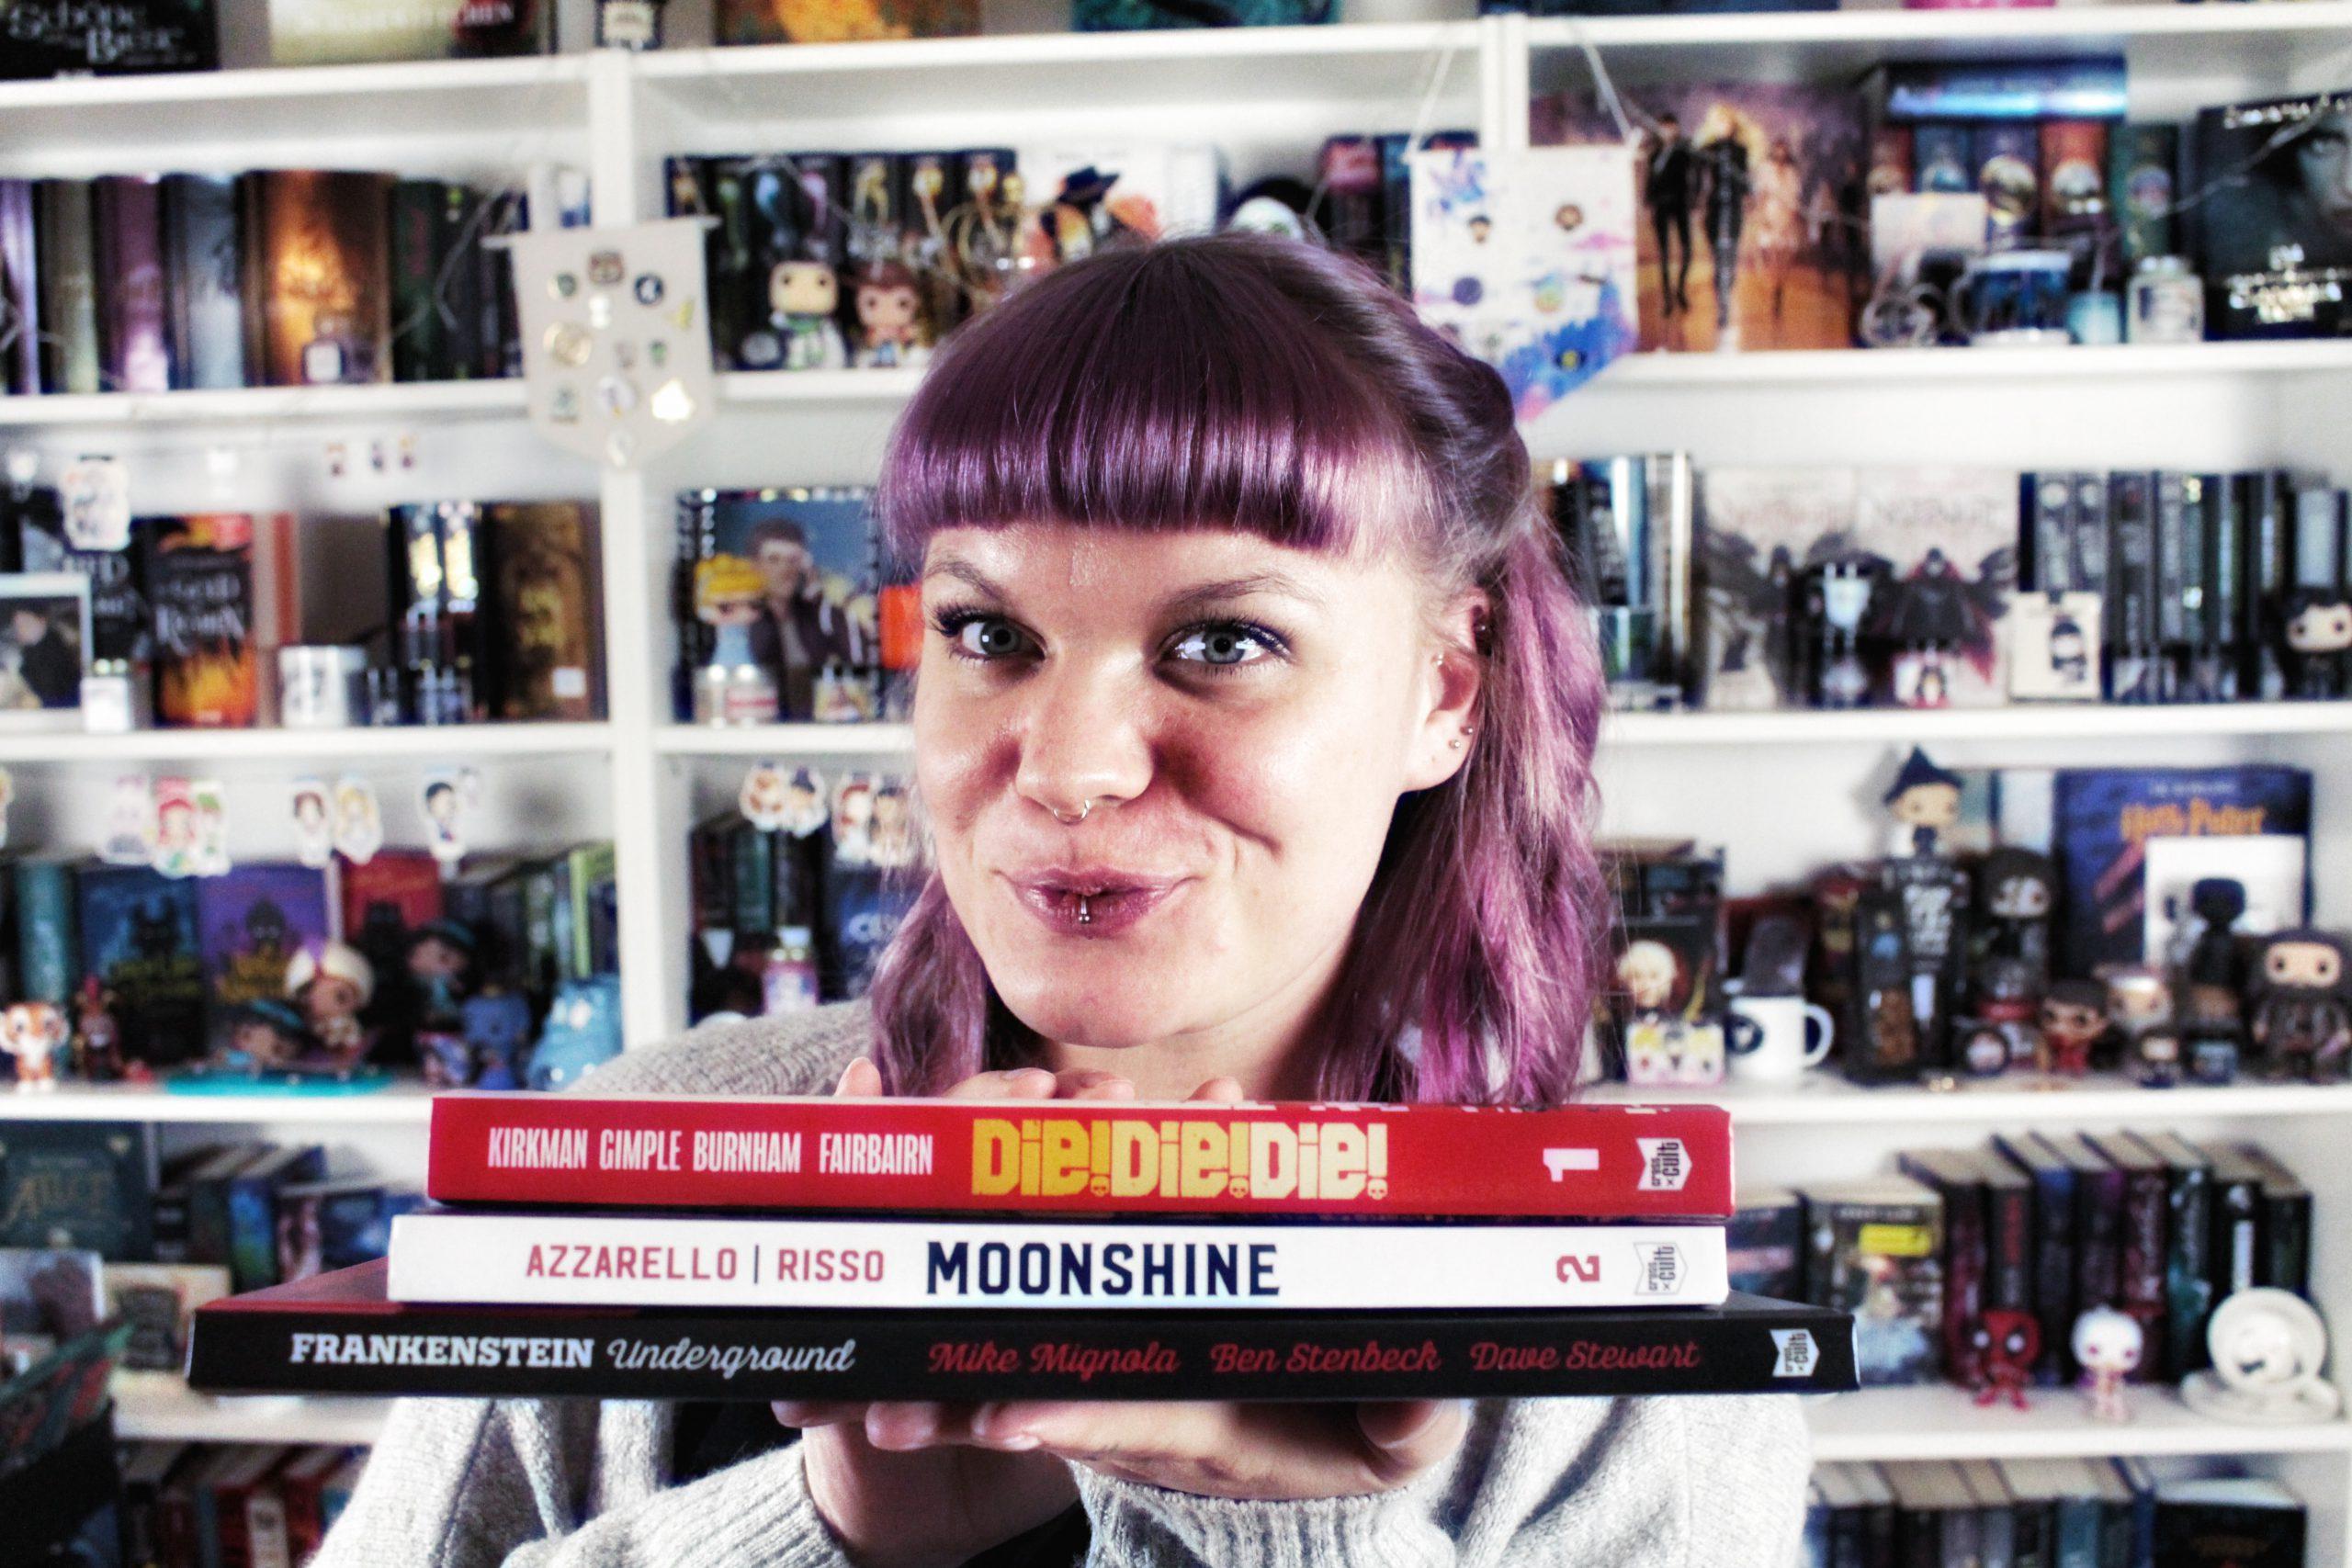 Bundle-Rezension | Die! Die! Die!, Moonshine 2 & Frankenstein Underground